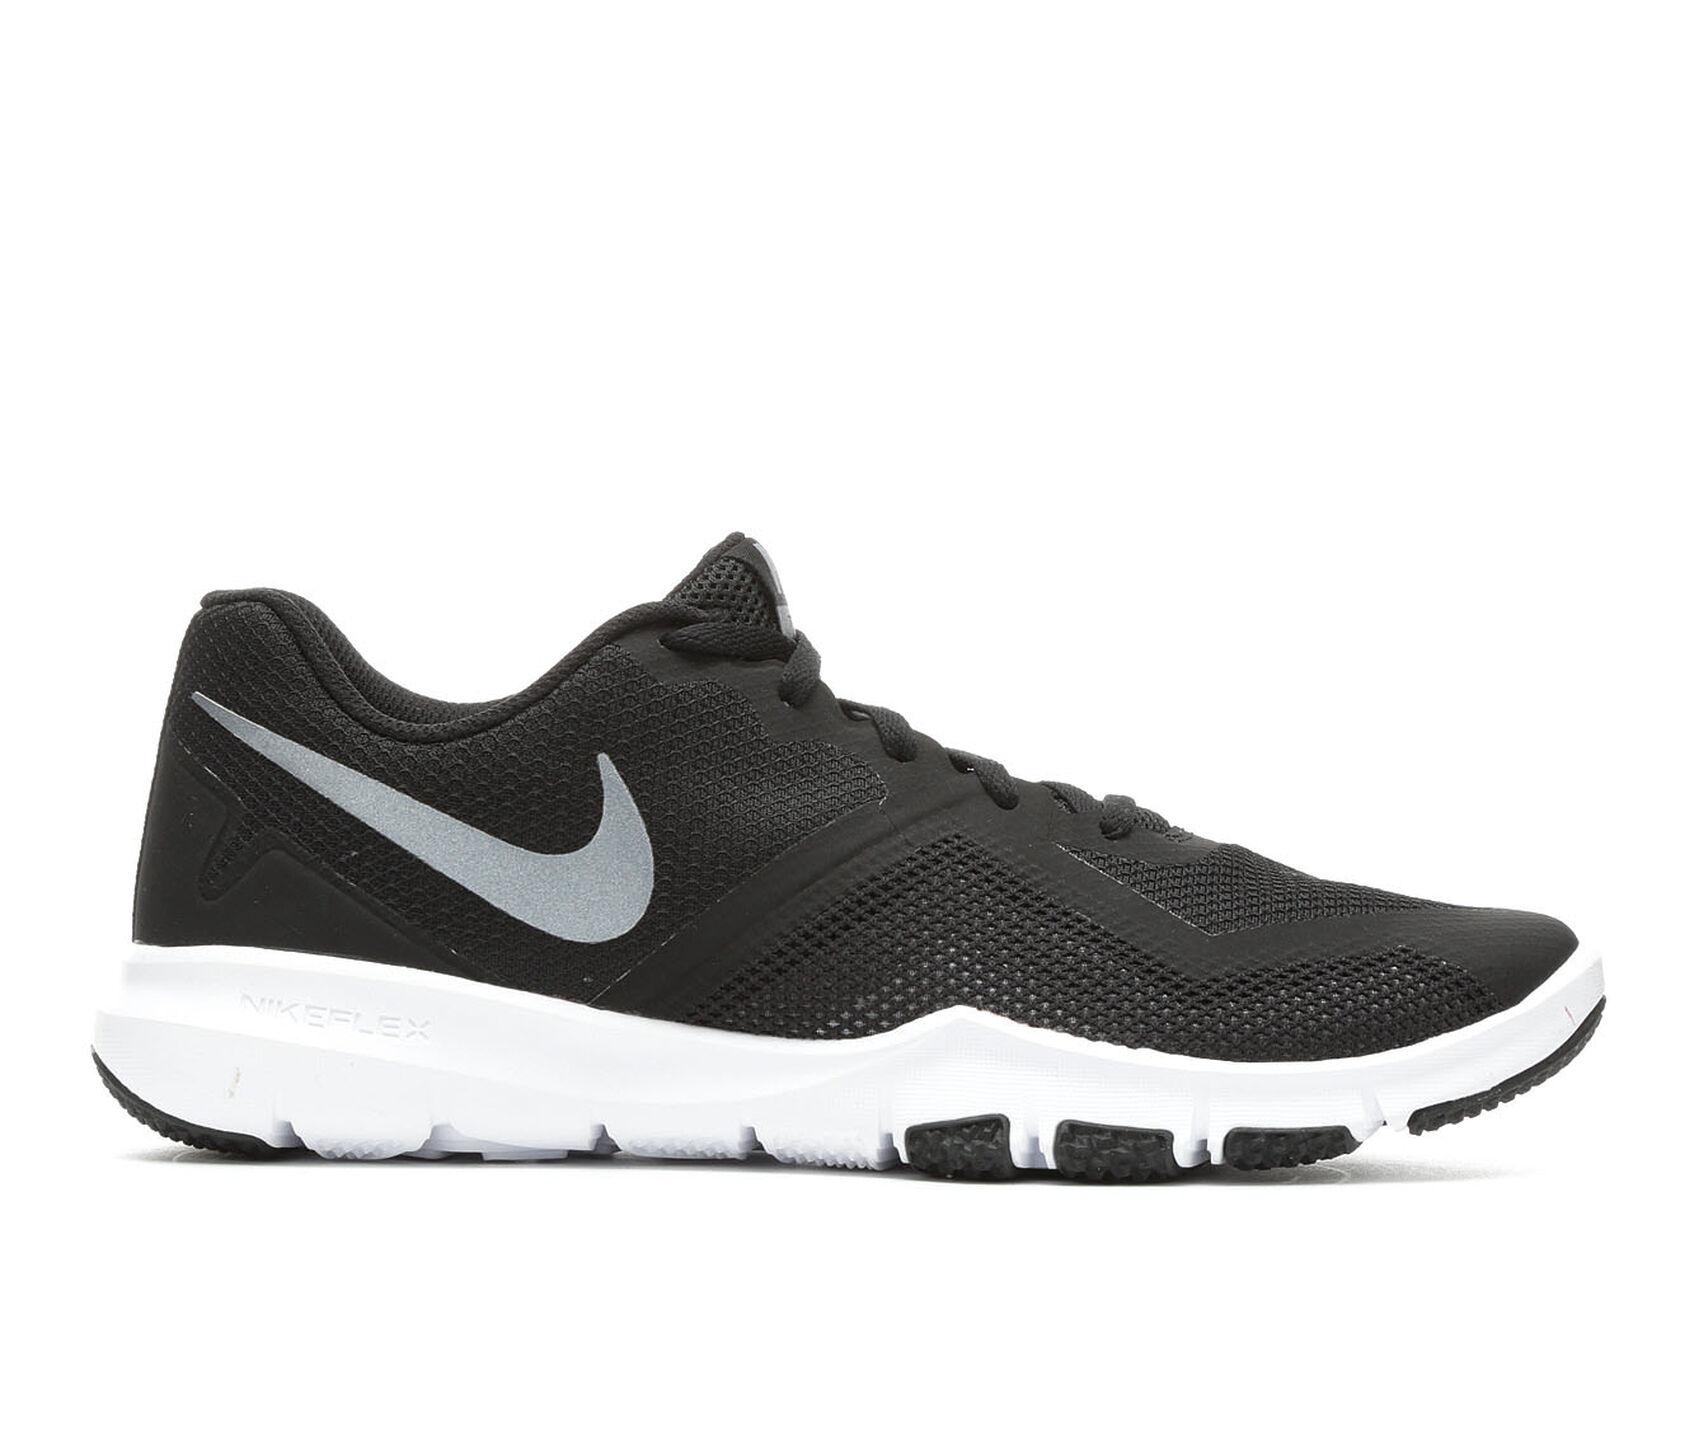 san francisco eb46c b3f46 ... Nike Flex Control 2 Training Shoes. Previous